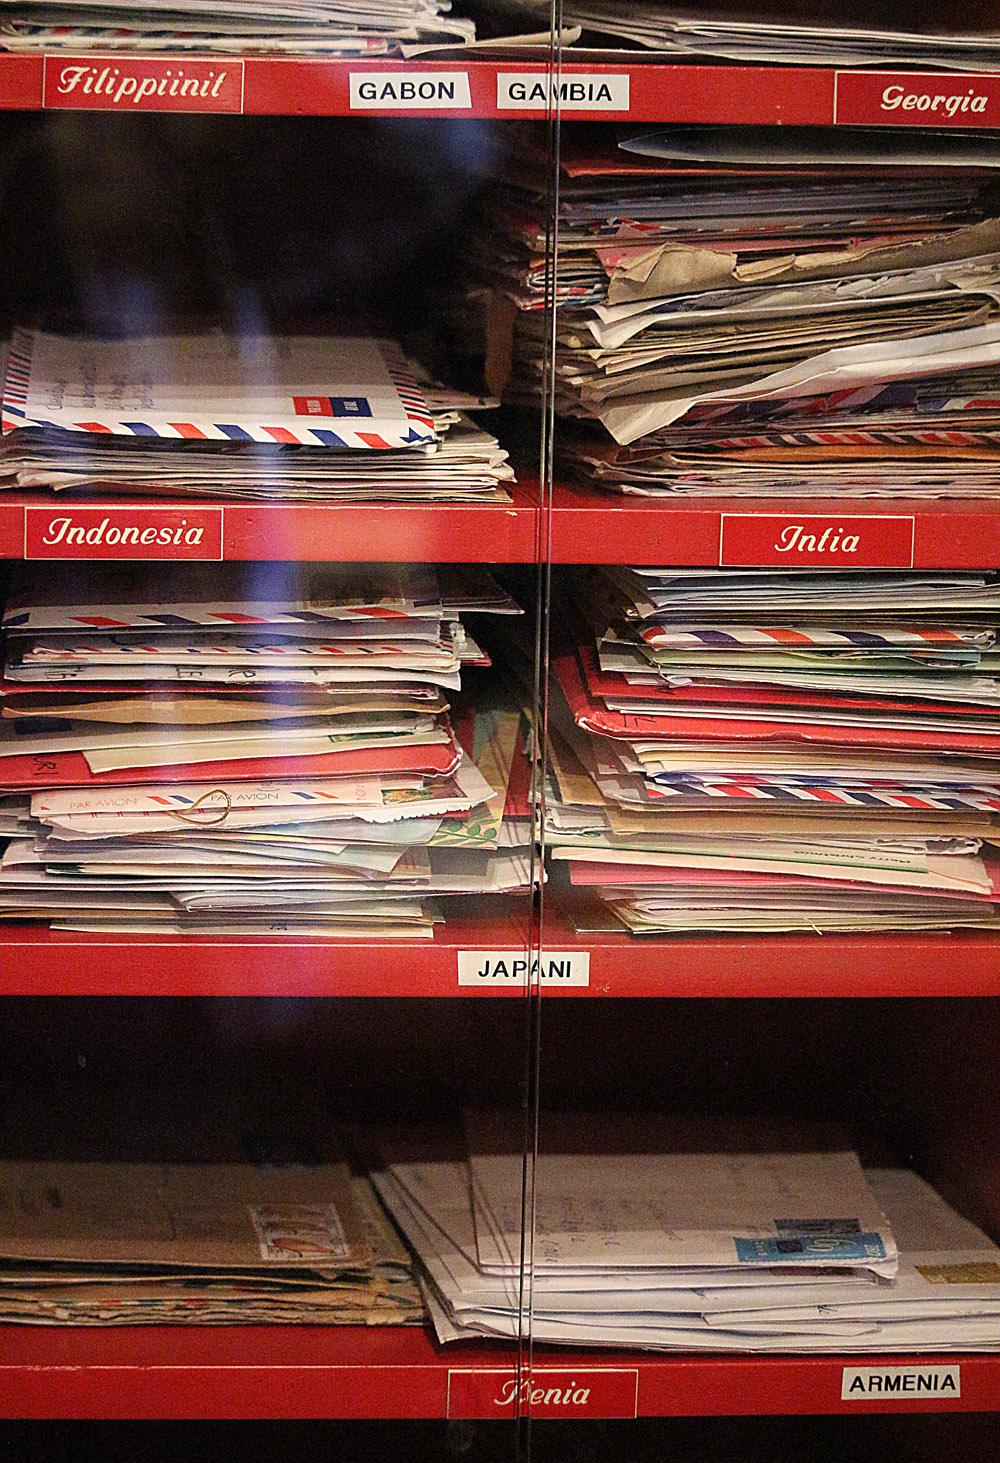 Joulupukin postitoimisto